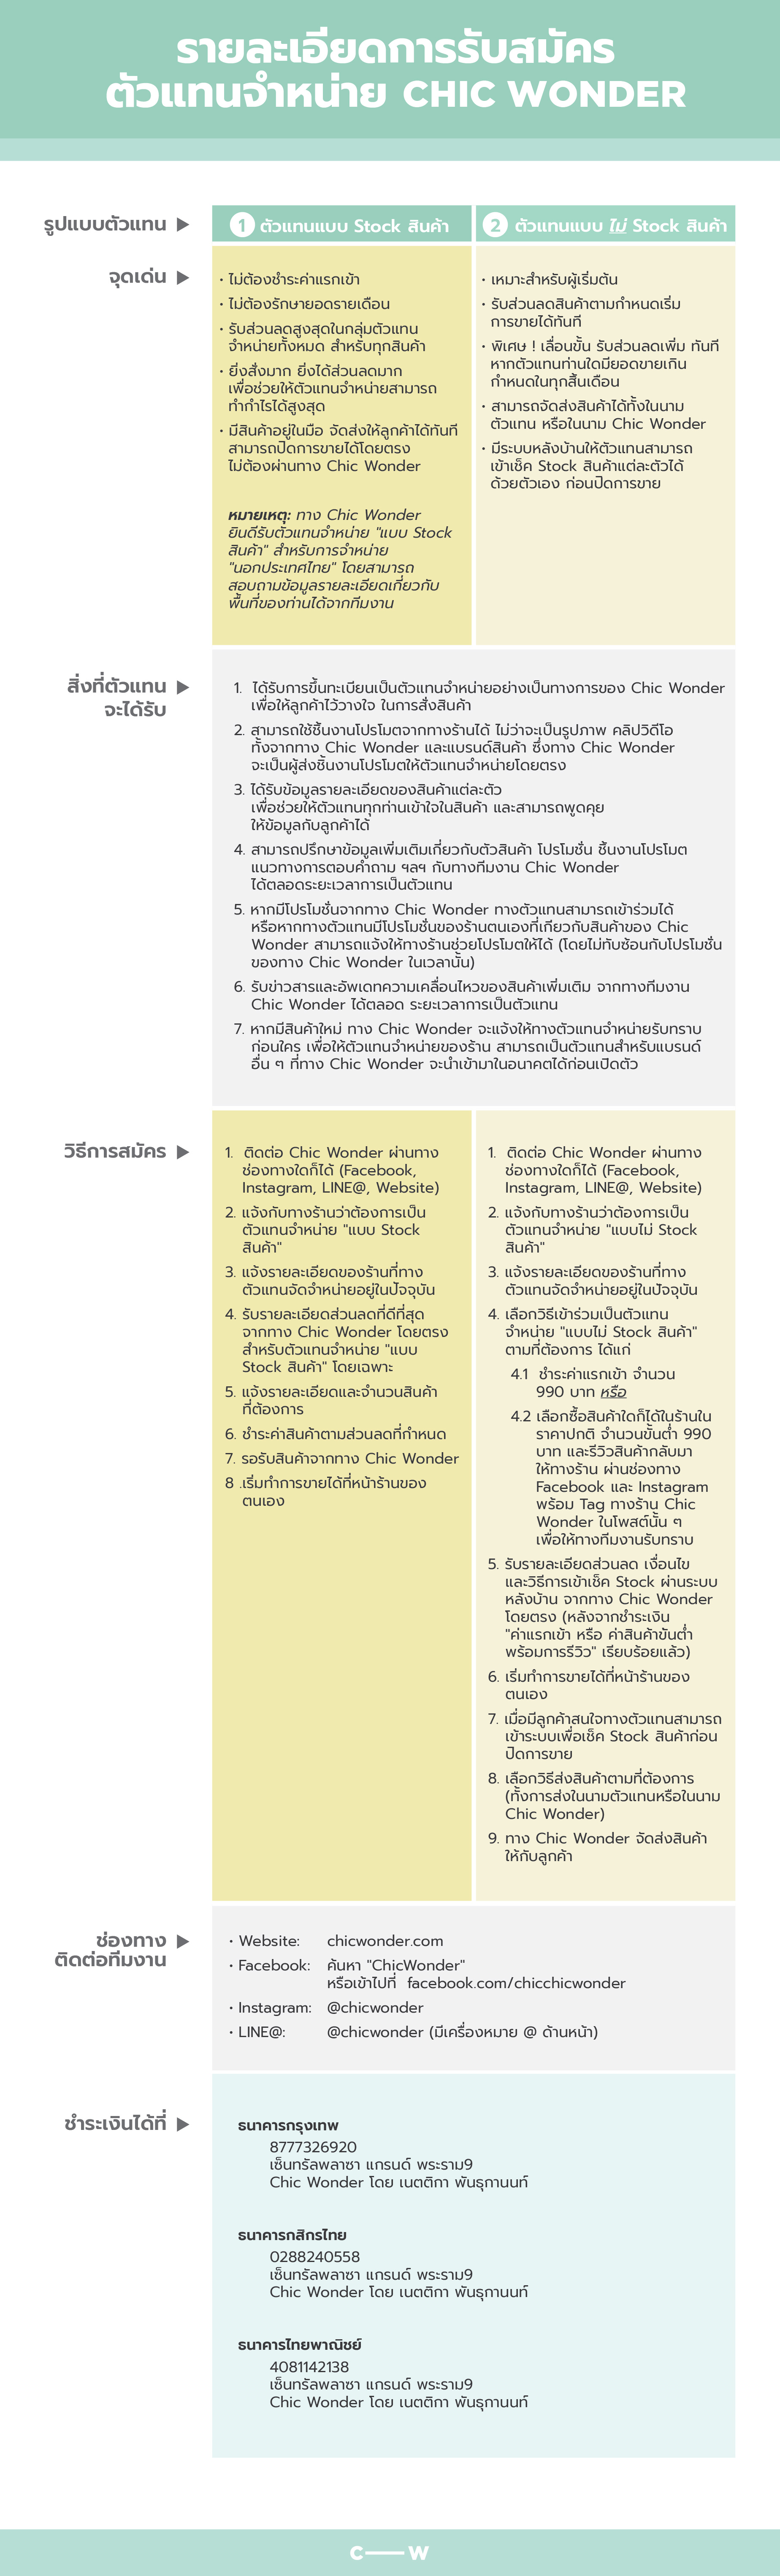 CW_DistributorInfo-01.jpg